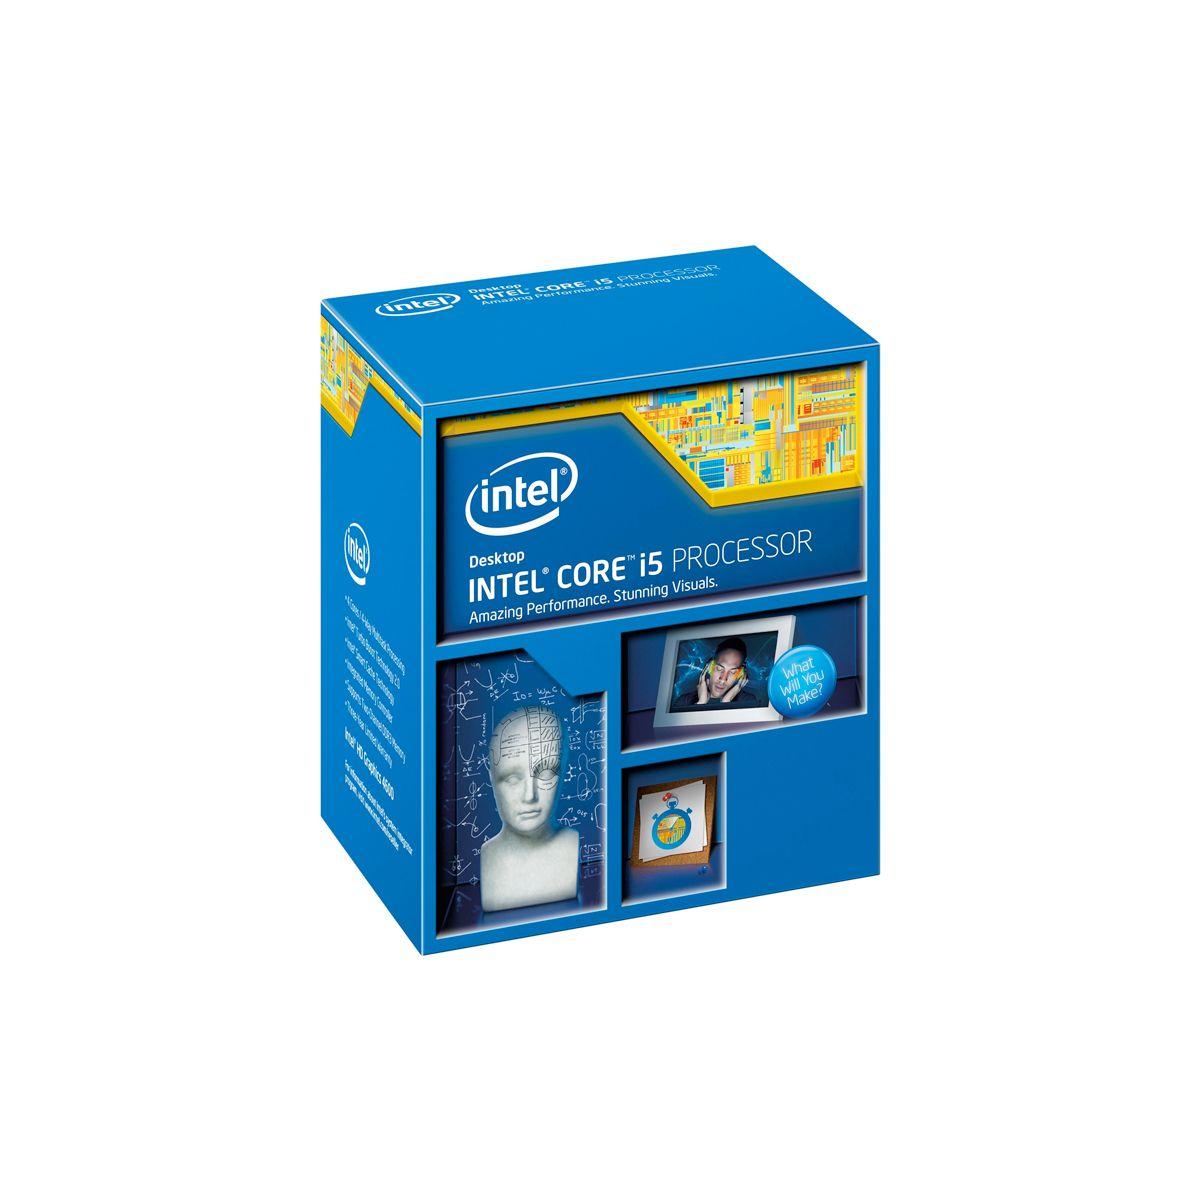 Processador Intel Core i5 4ª Geração 4590 - Velocidade 3,3 Ghz, Turbo Max, Cache 6MB, PCI Express 3.0